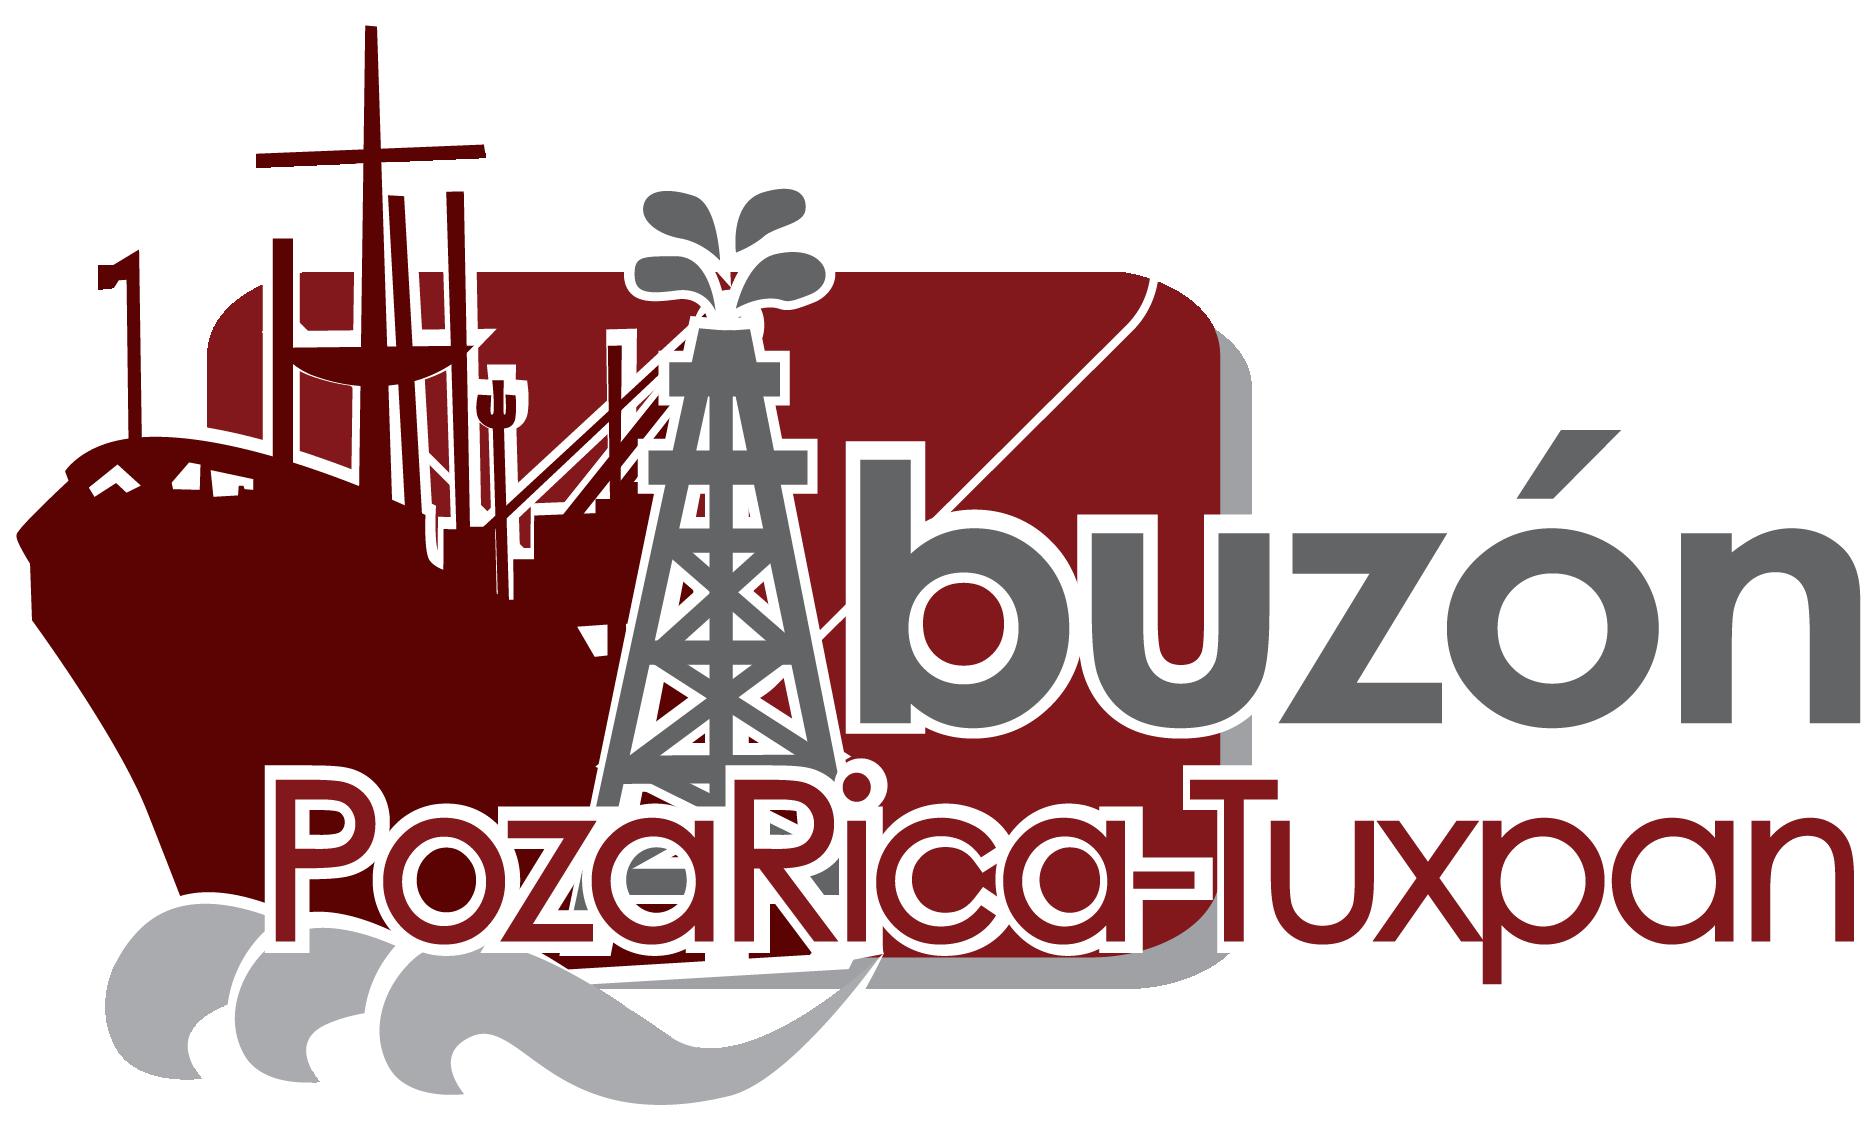 Logo Buzón Poza Rica